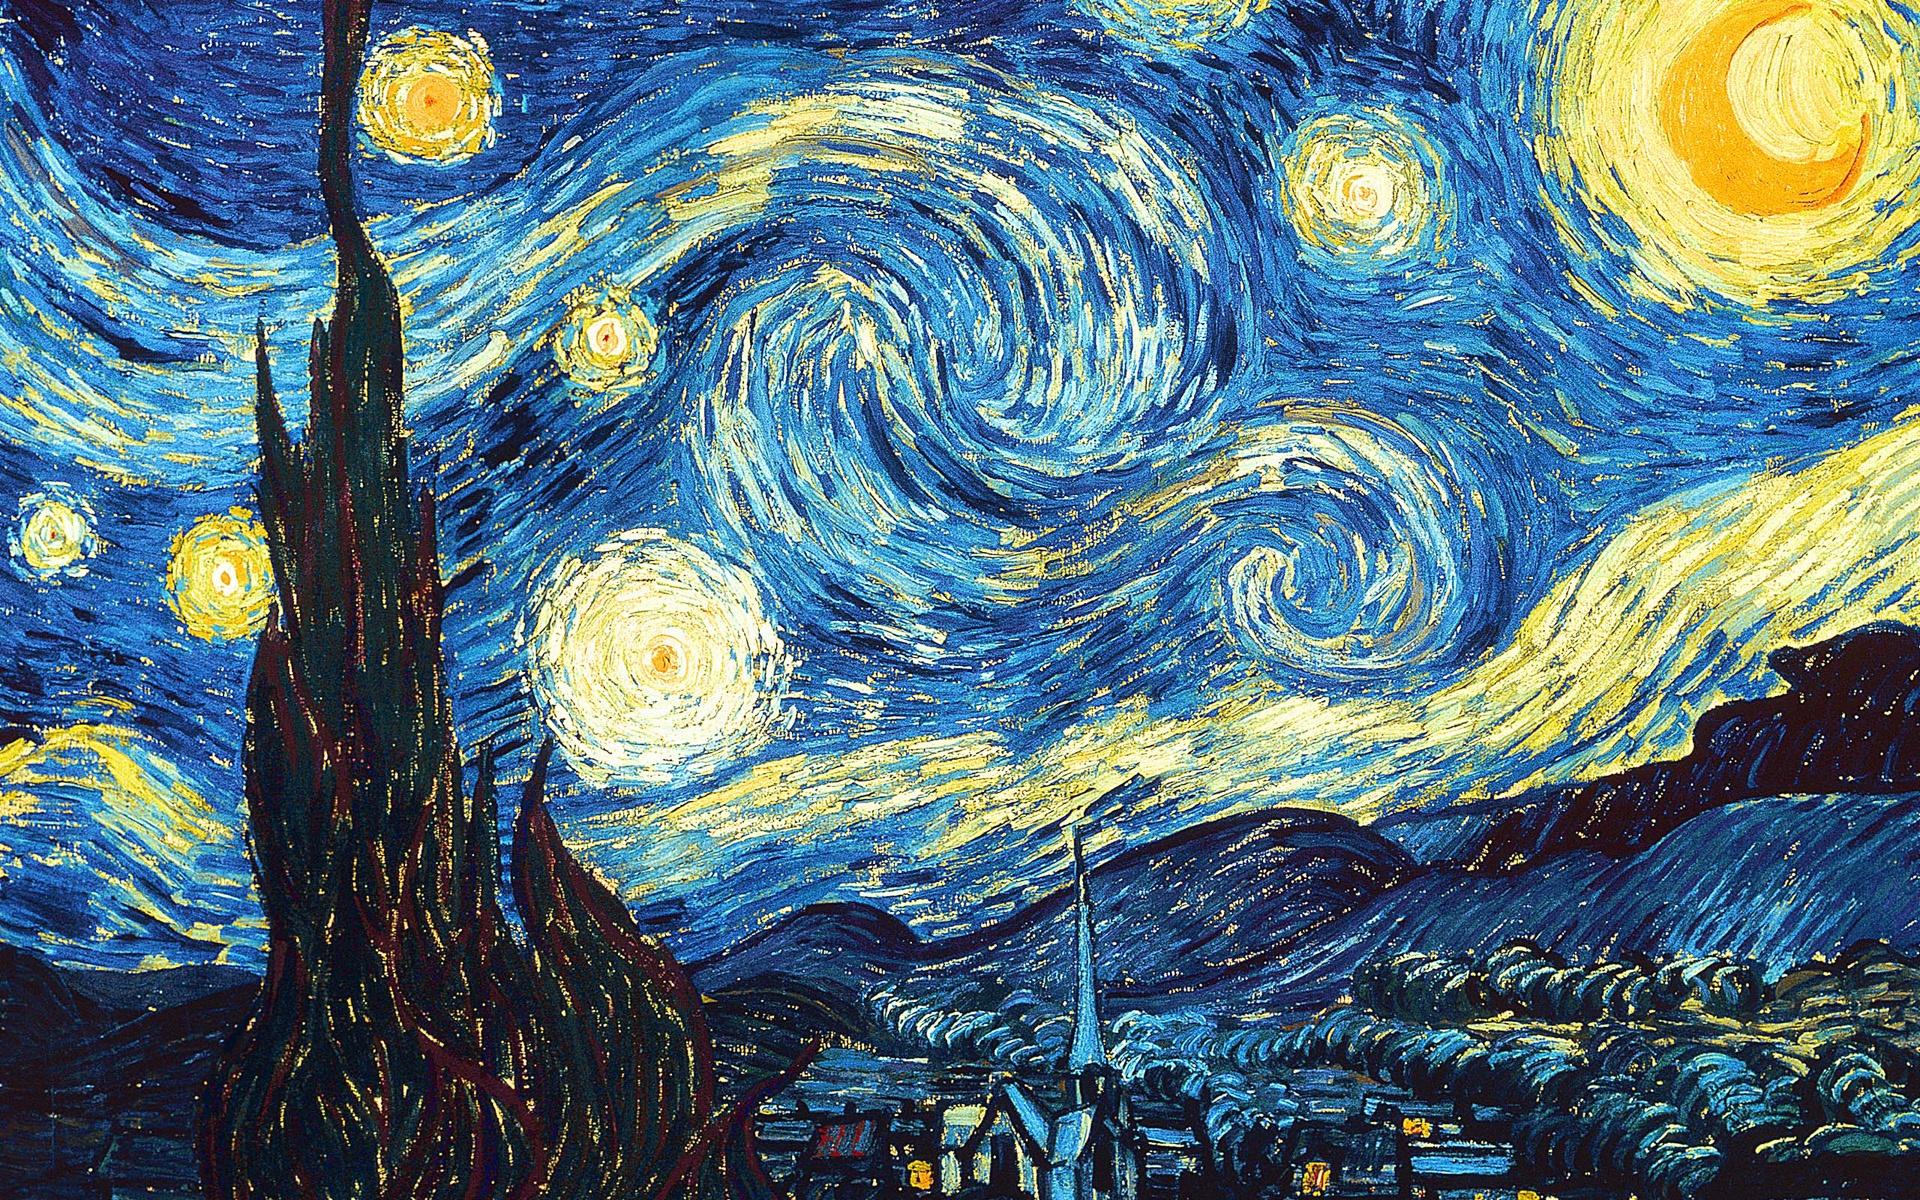 壁纸文森特梵高 星夜1920x1200 Hd 高清壁纸 图片 照片